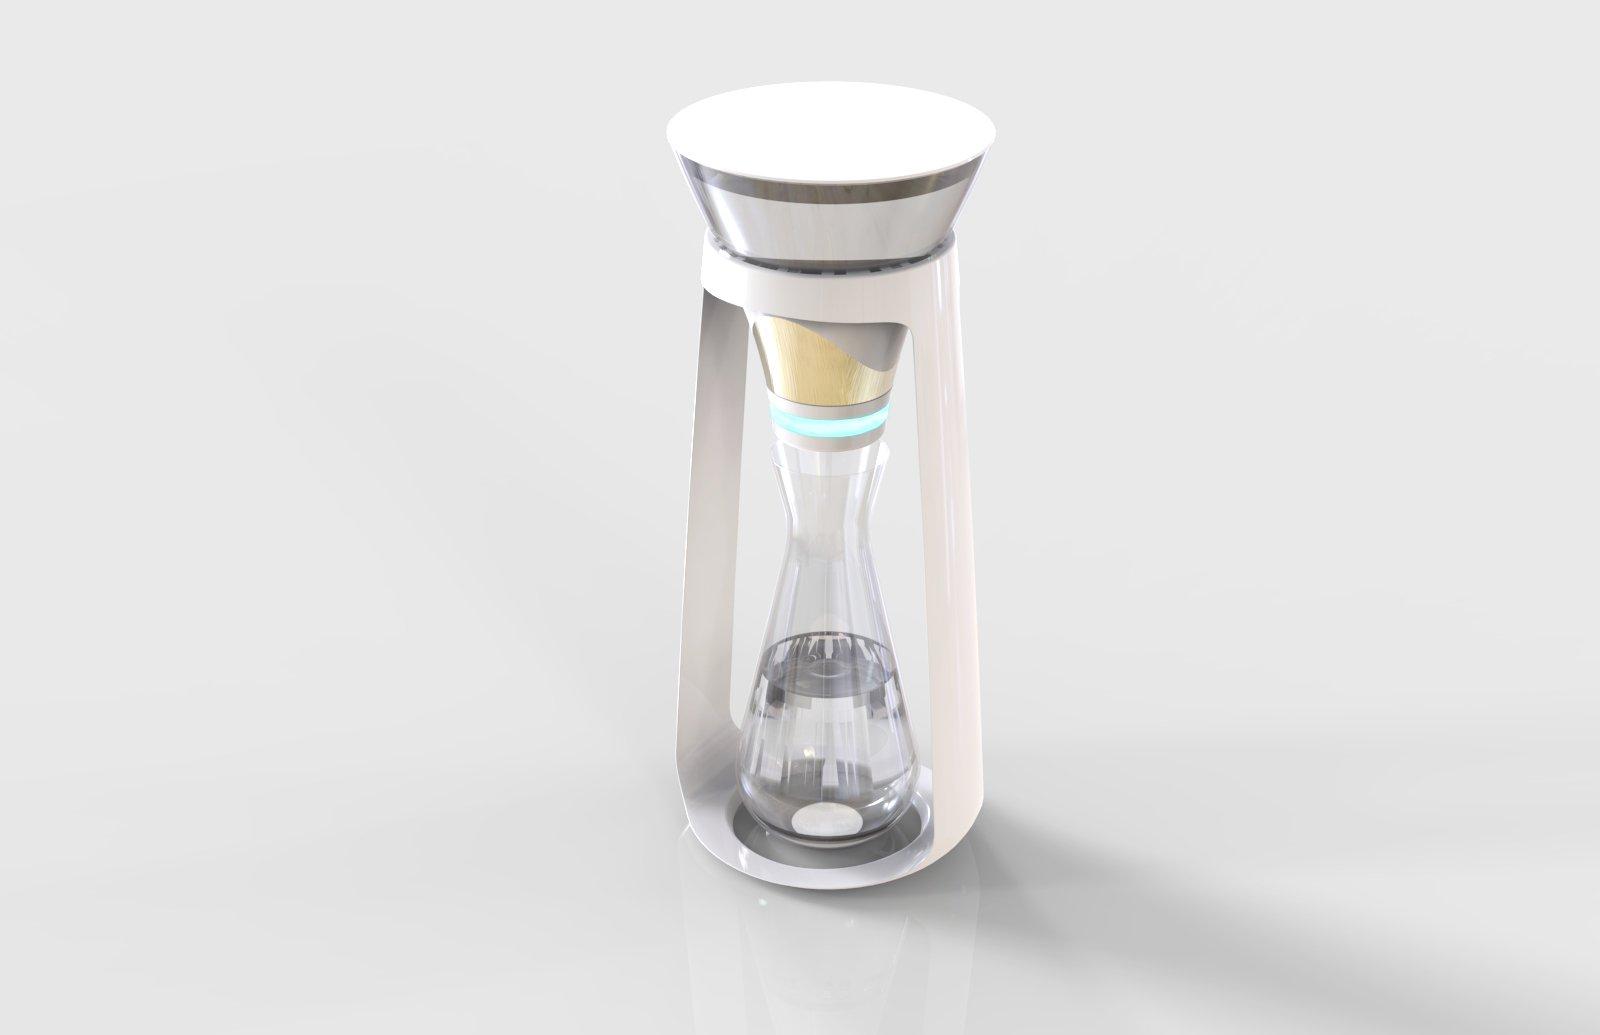 정수기 제품 컨셉 디자인